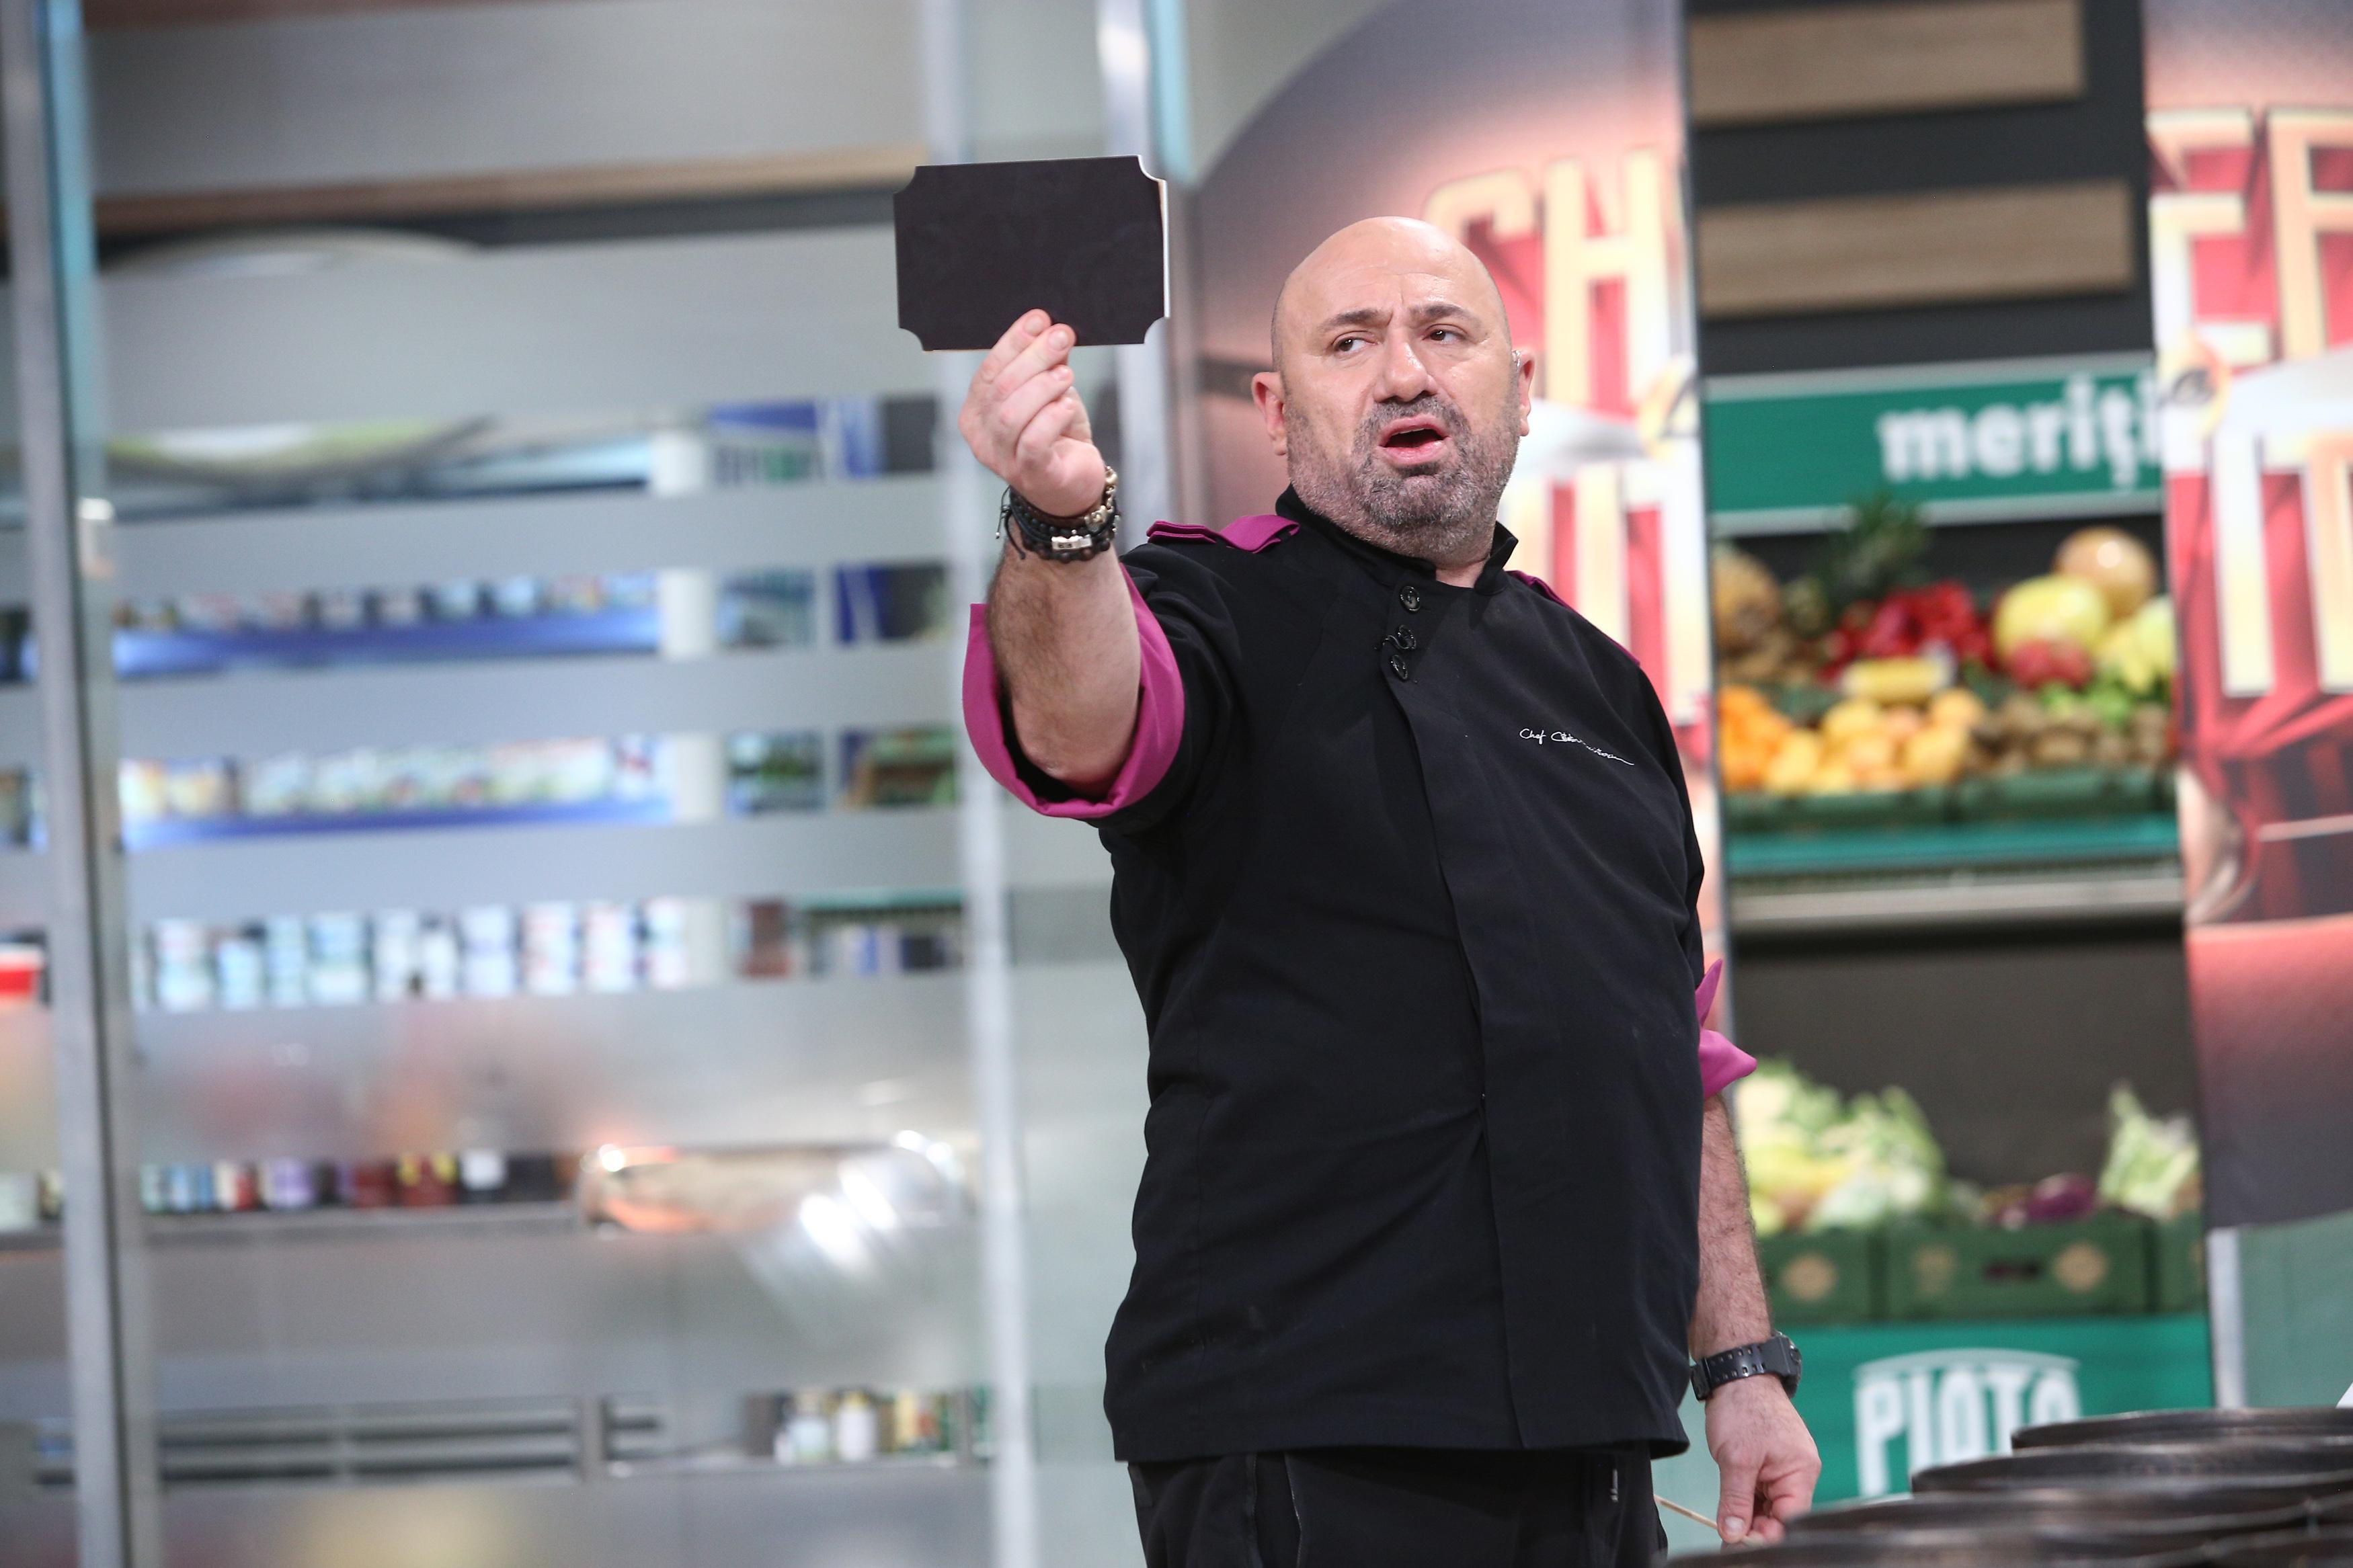 Chefi la cuțite, 30 mai 2021. Cătălin Scărlătescu a folosit o amuletă în ultimele momente ale probei de gătit. Ce a anunțat